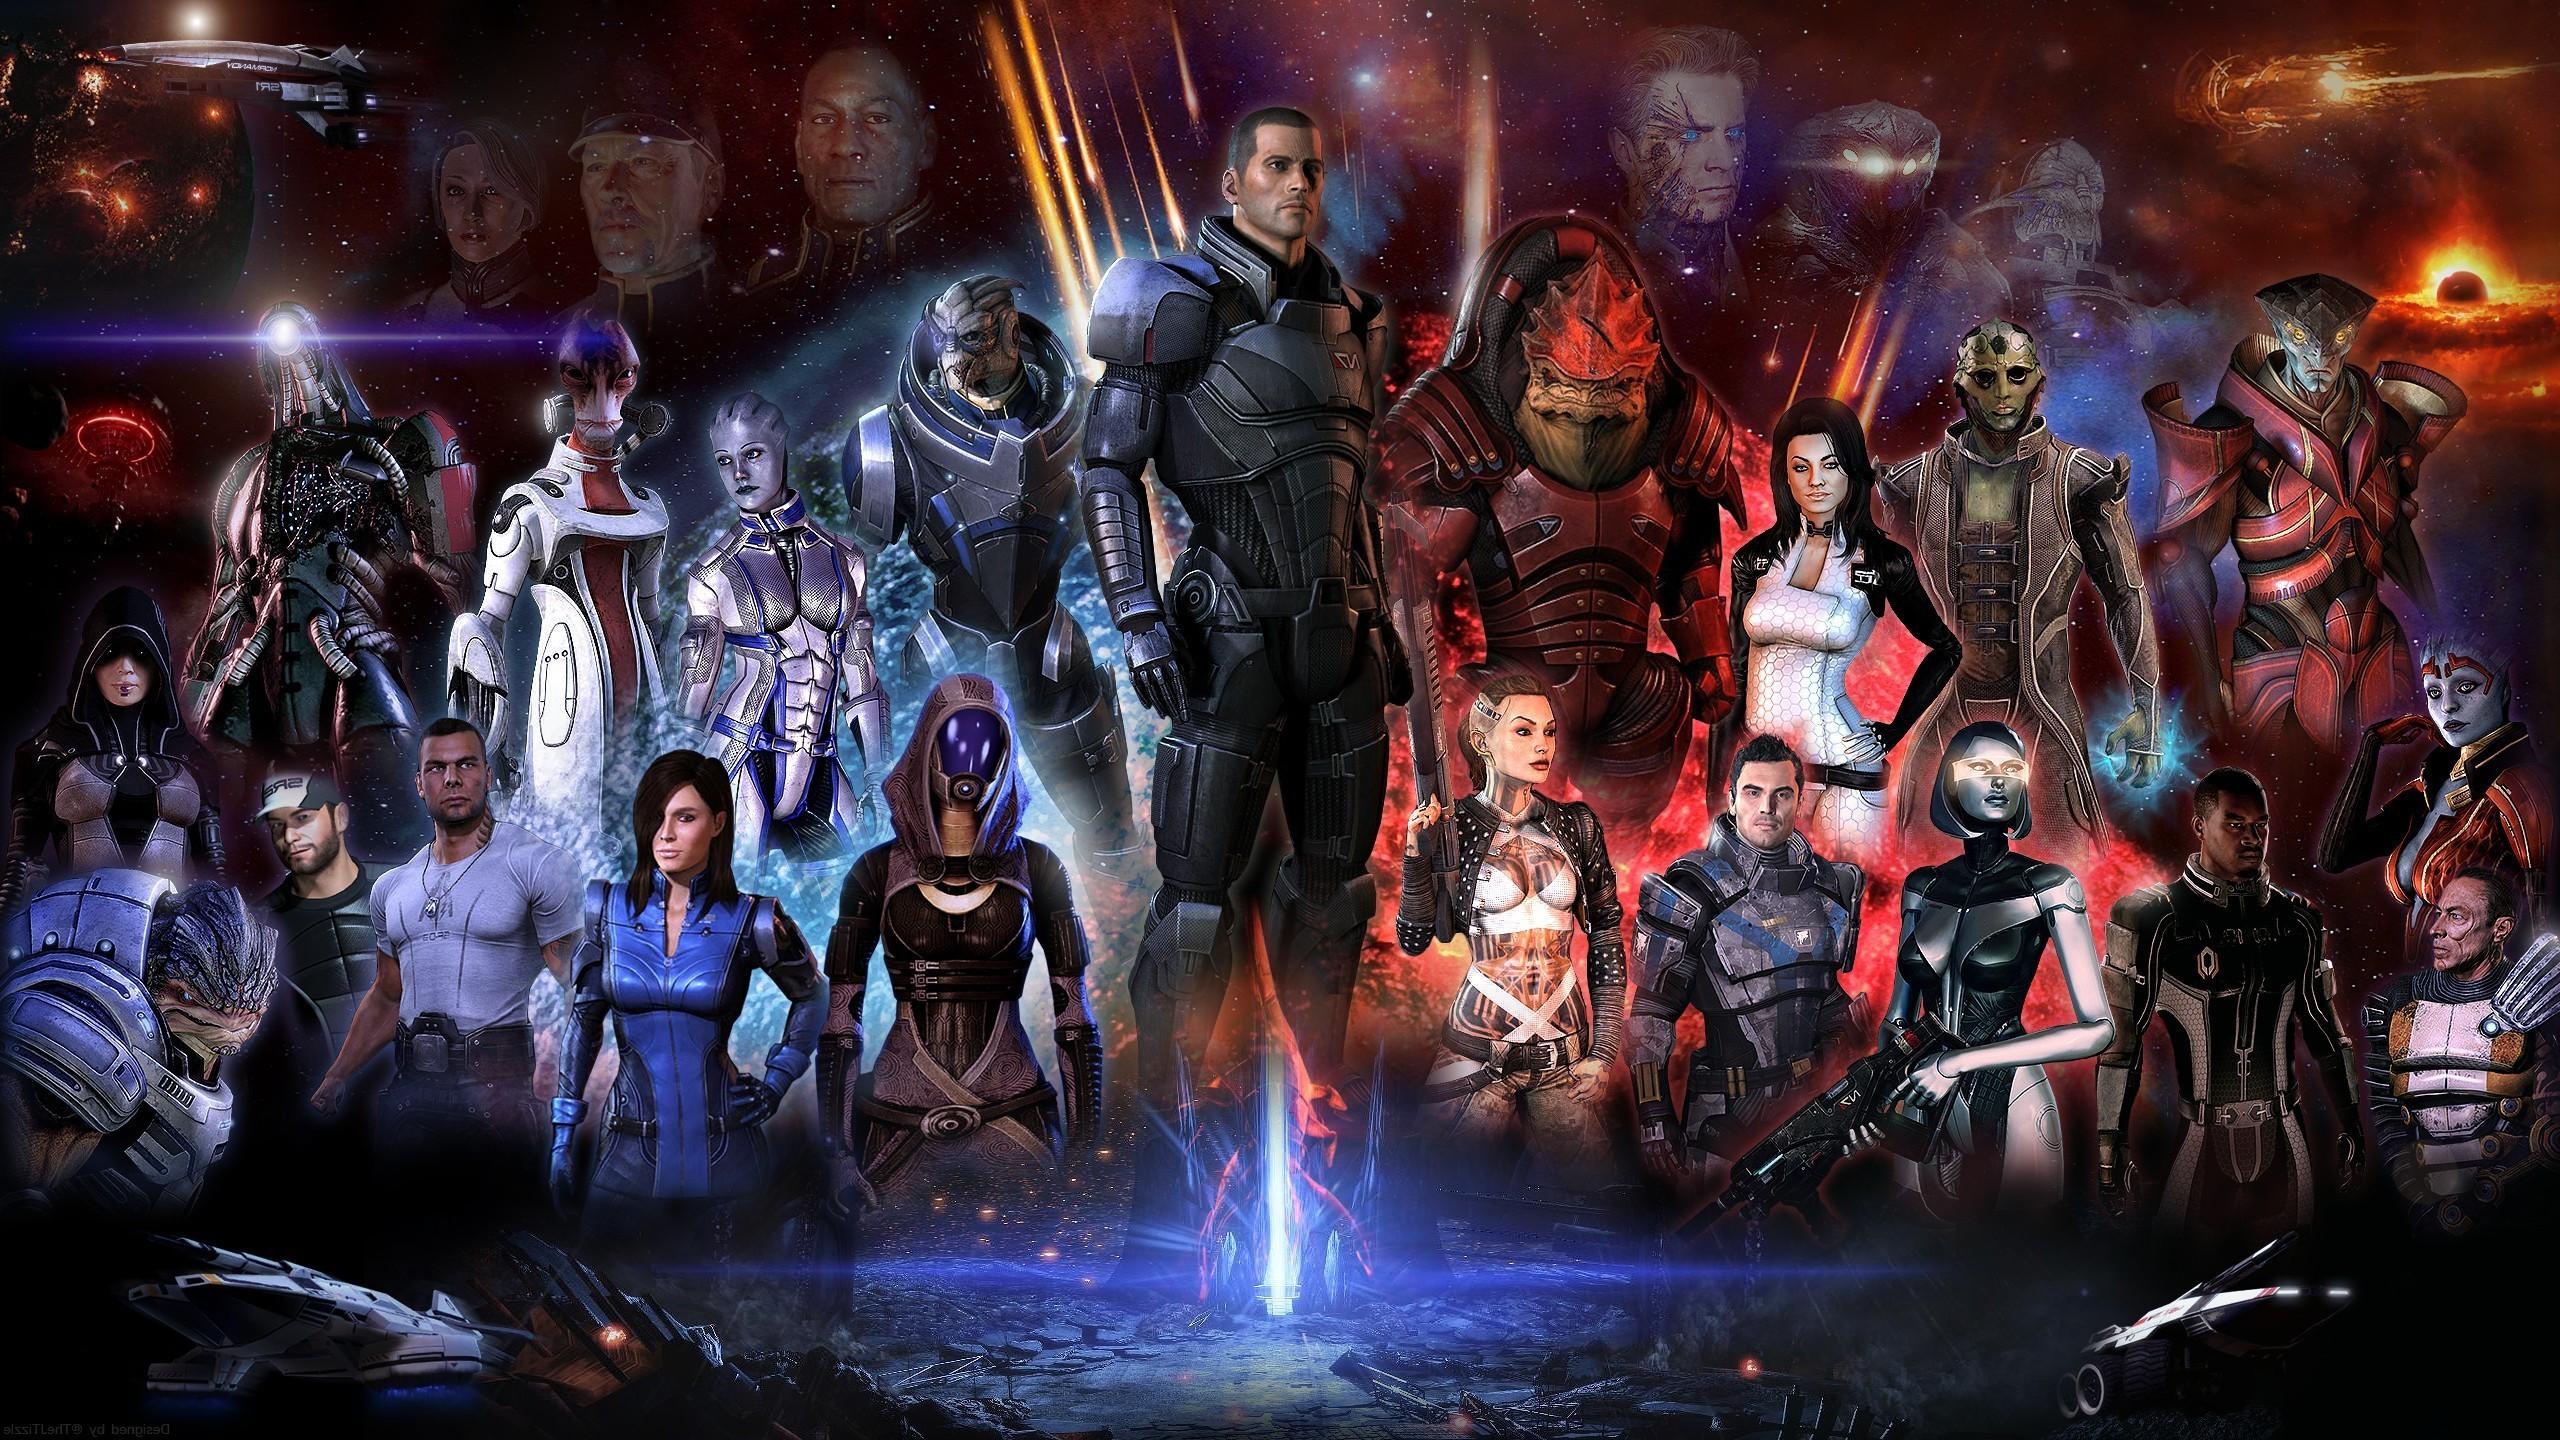 Mass Effect Hd Wallpaper 79 Images